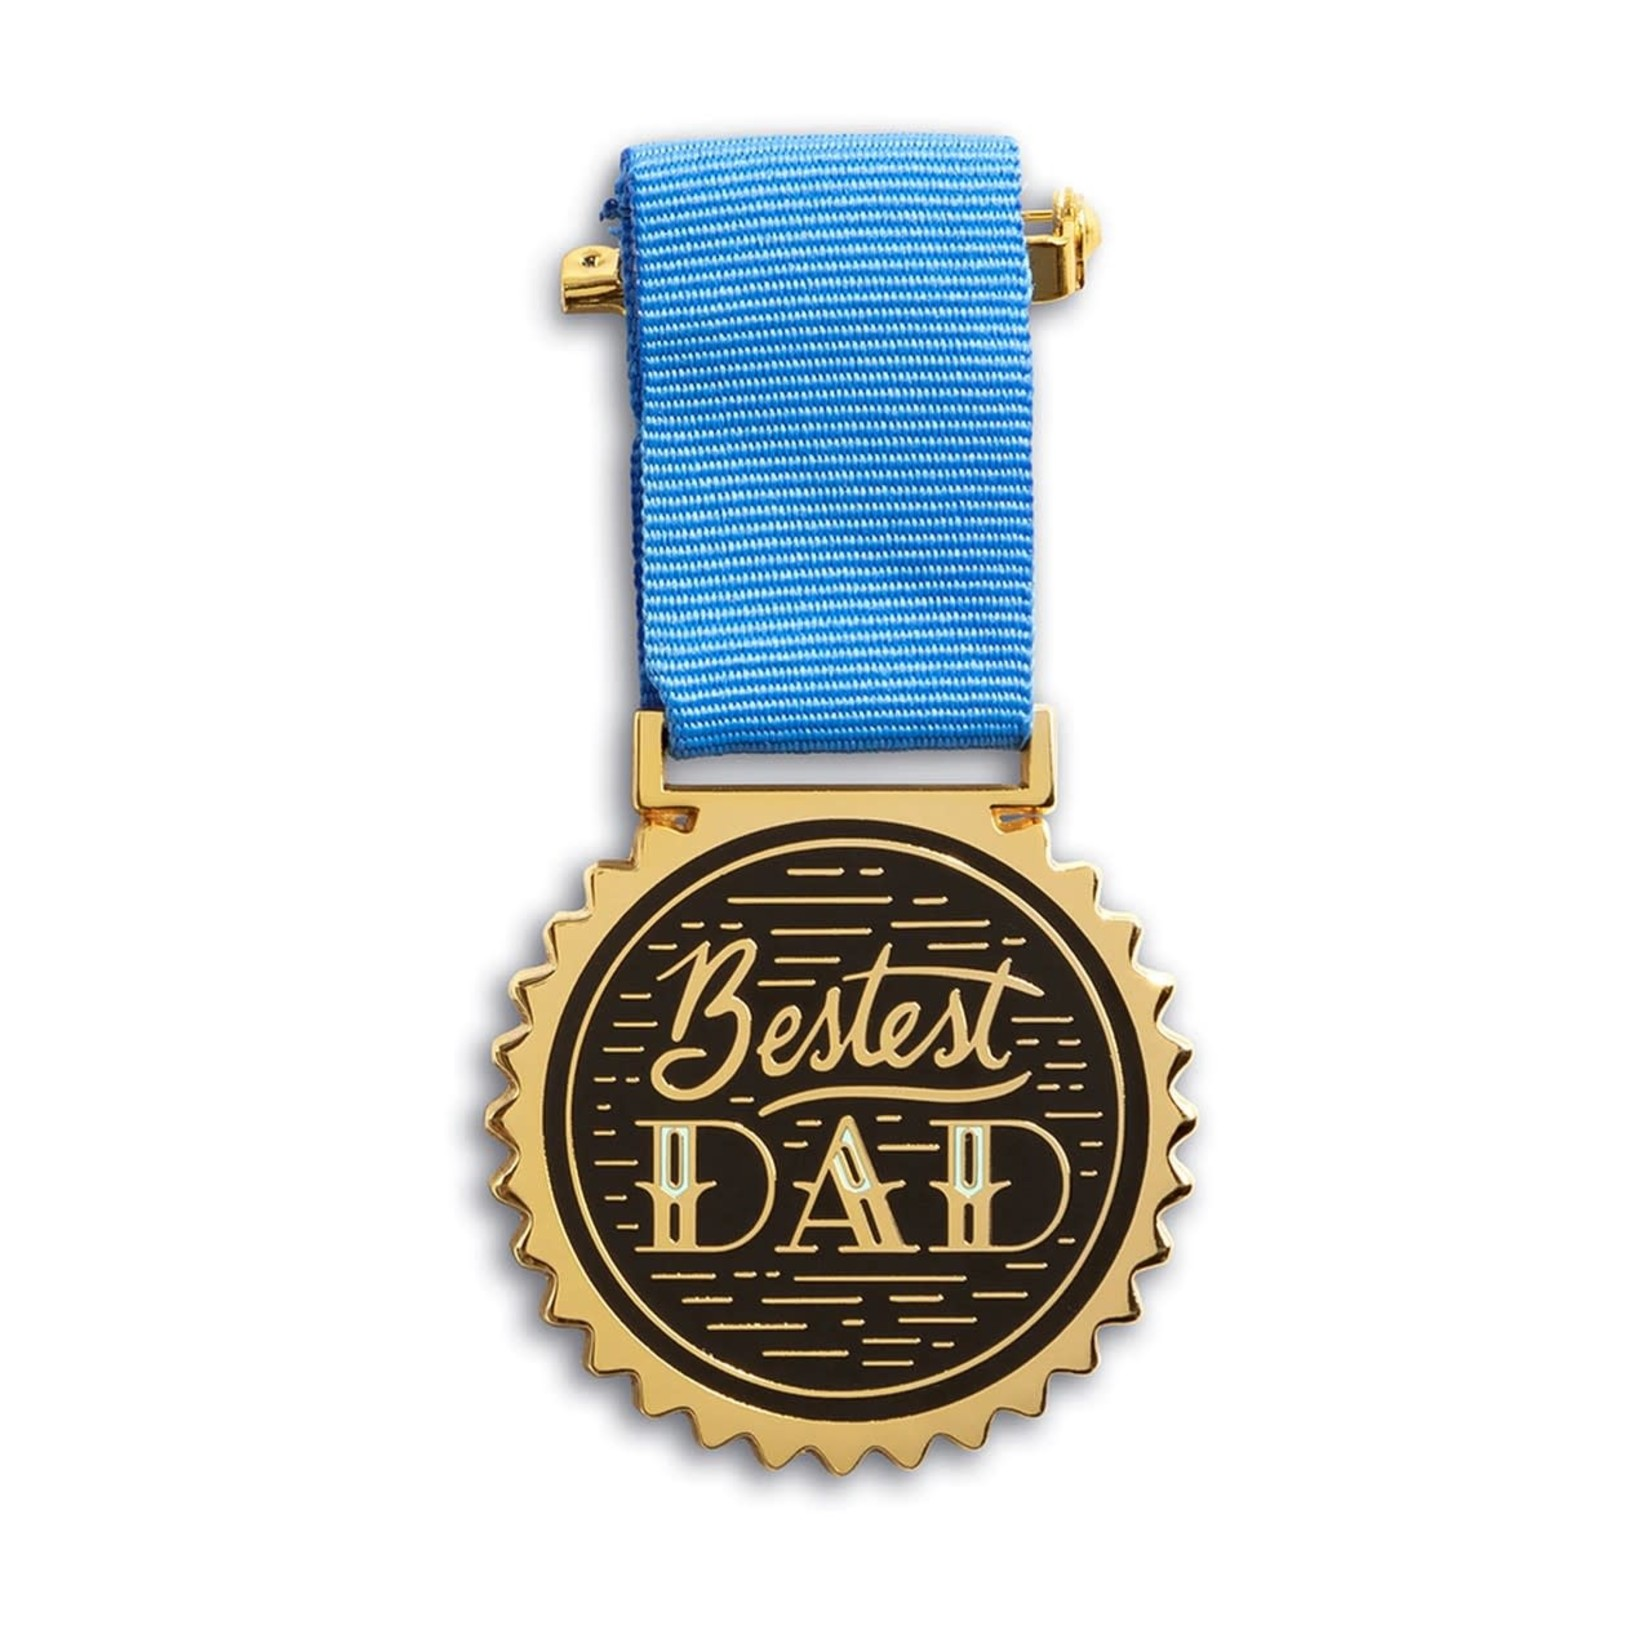 Compendium Medal